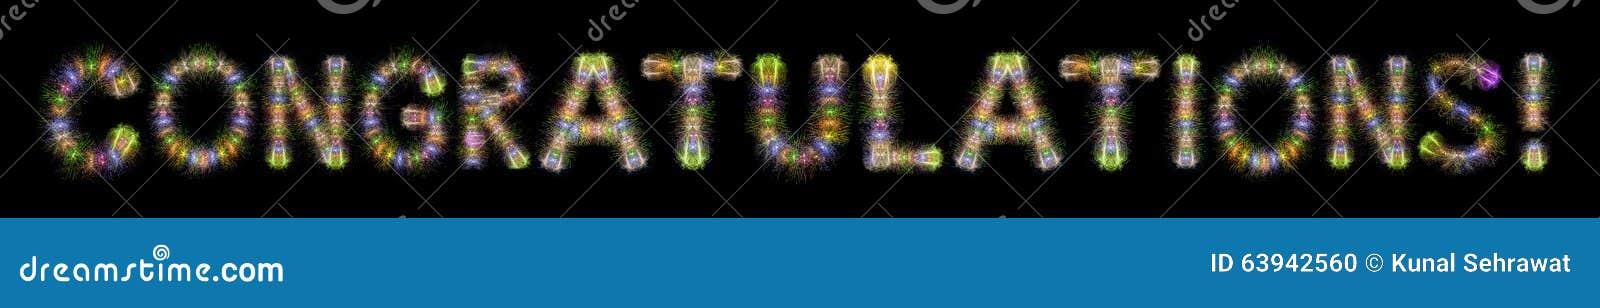 Gratulacje teksta kolorowych iskrzastych fajerwerków horyzontalny bla